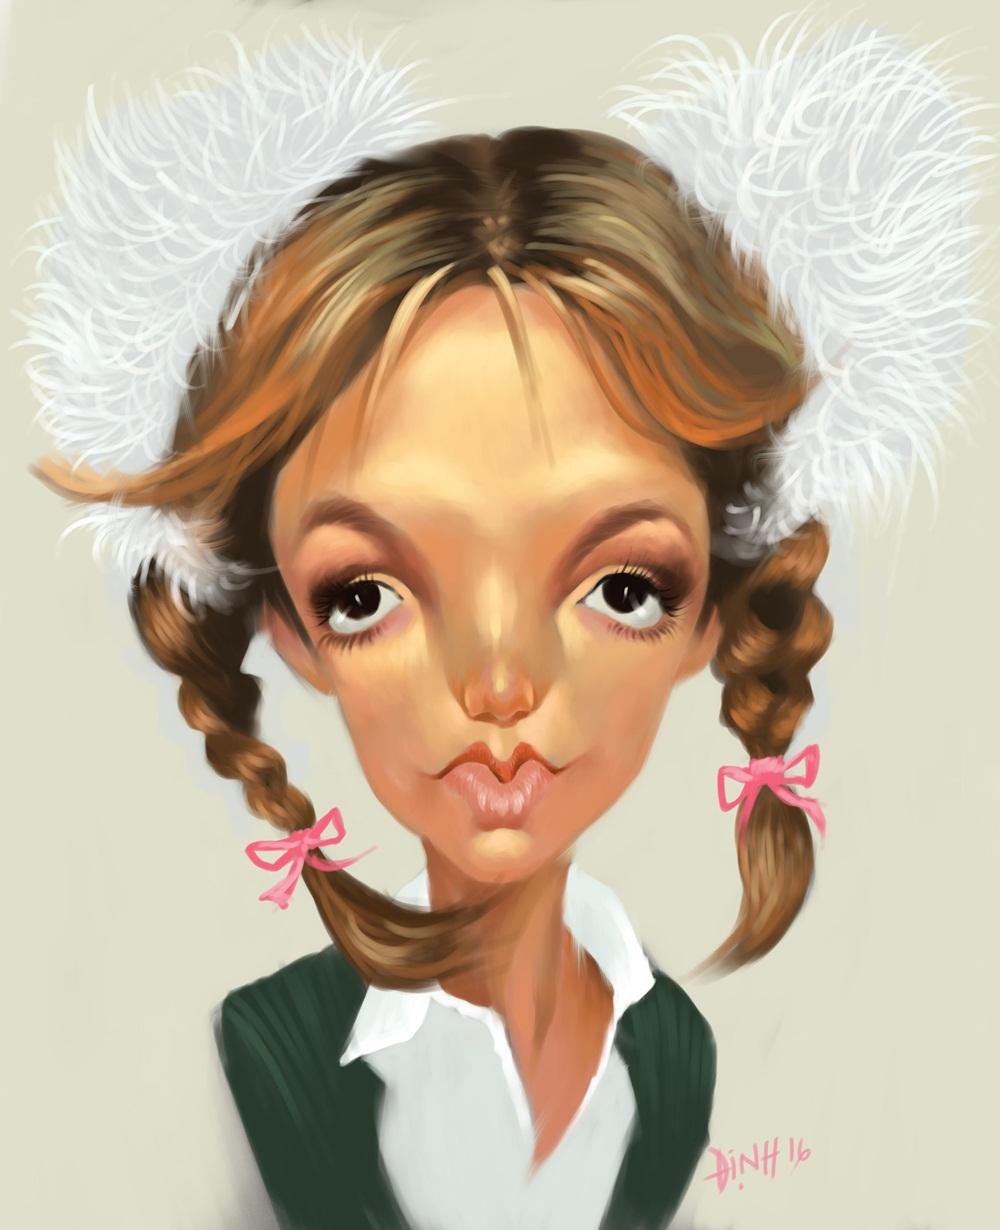 Công chúa nhạc Pop Britney Spears.